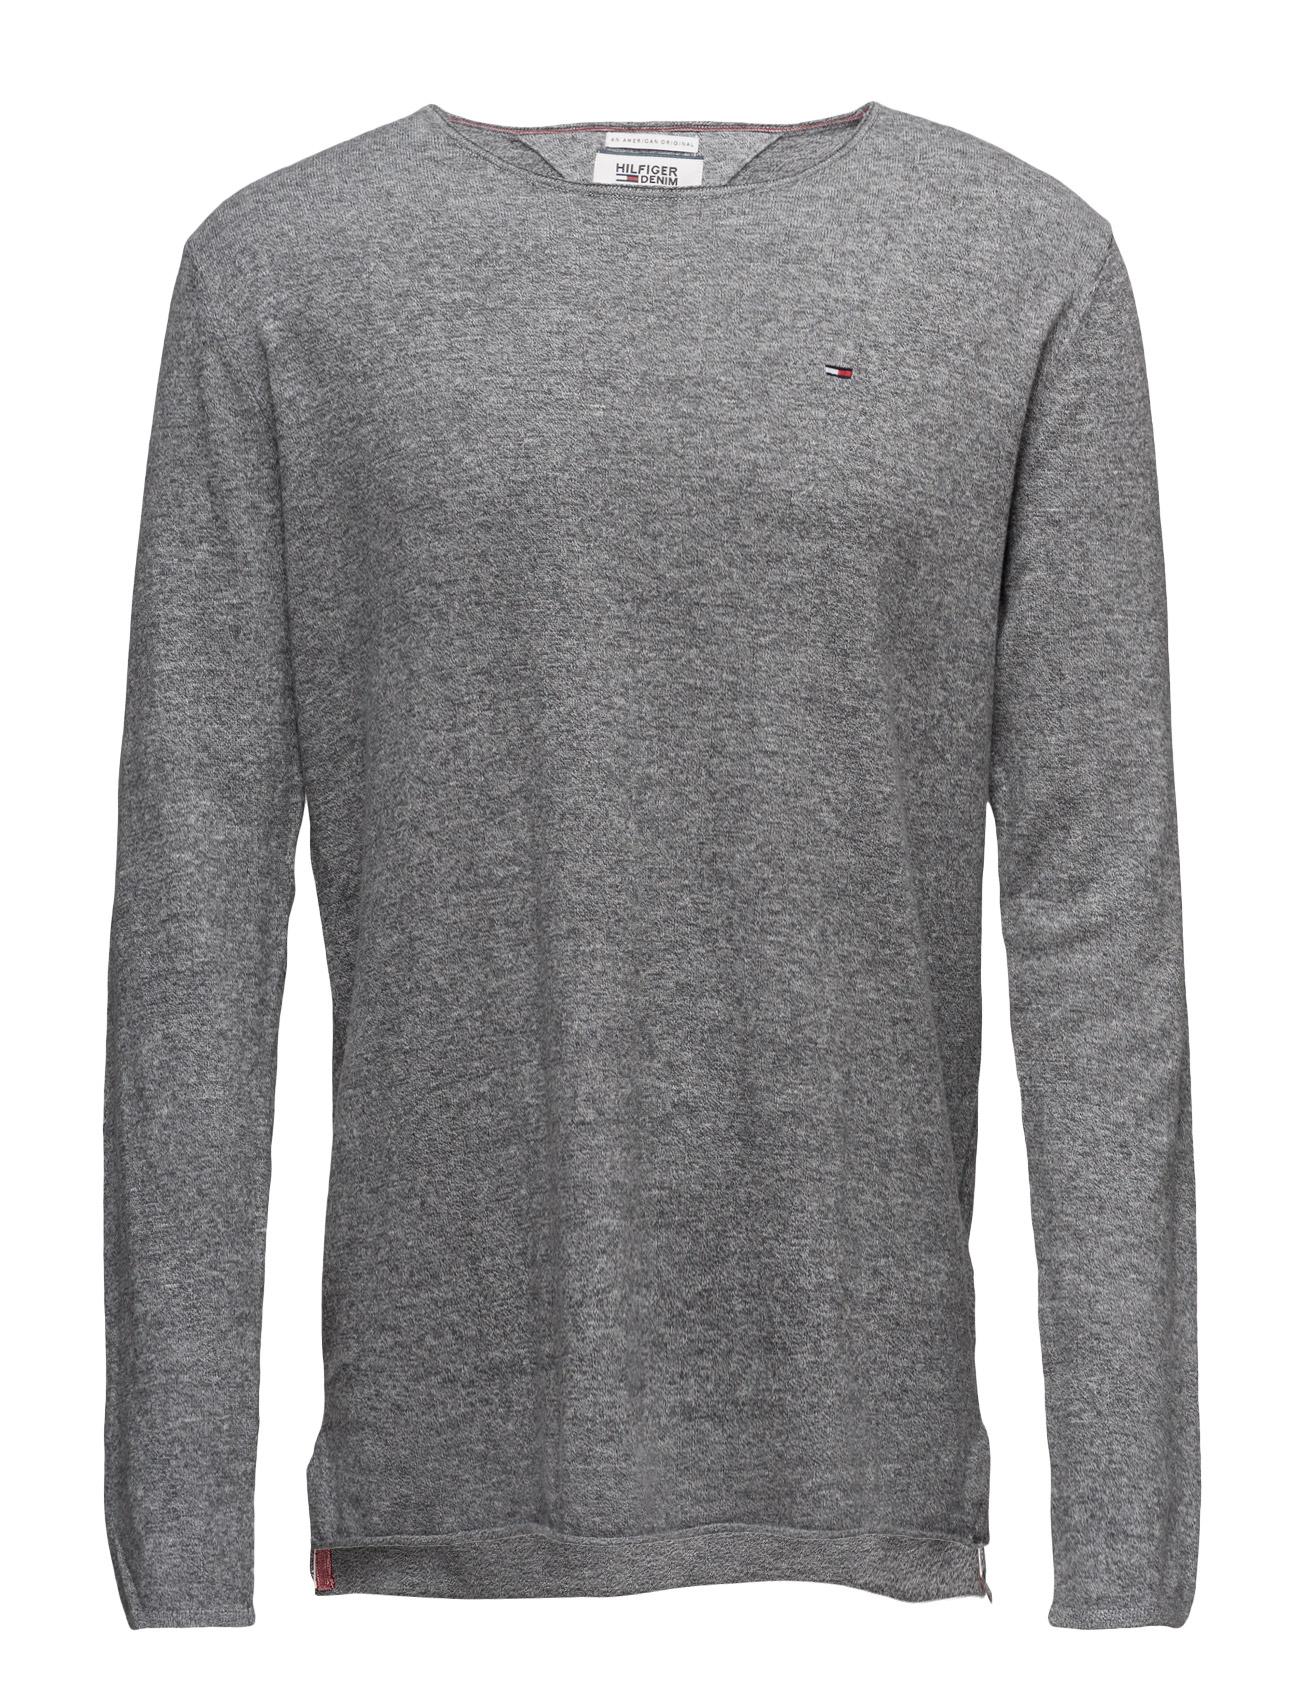 Thdm Cn Sweater L/S 5 Hilfiger Denim Striktøj til Mænd i Grå